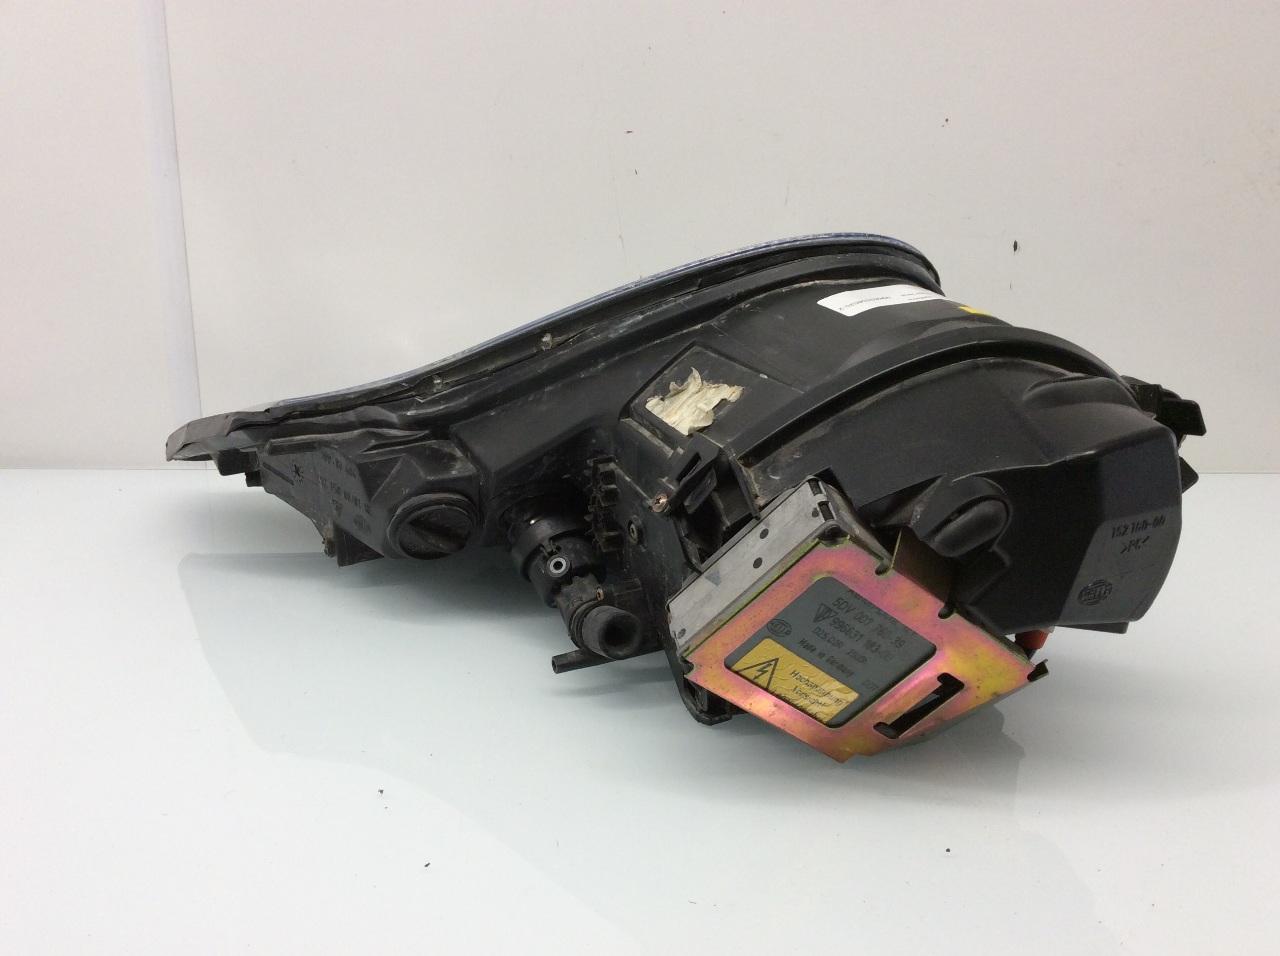 nouveau 99663106020-2-02-03-04-porsche-911-996-right-xenon-litronic-headlight-99663106020-see-descrip-5